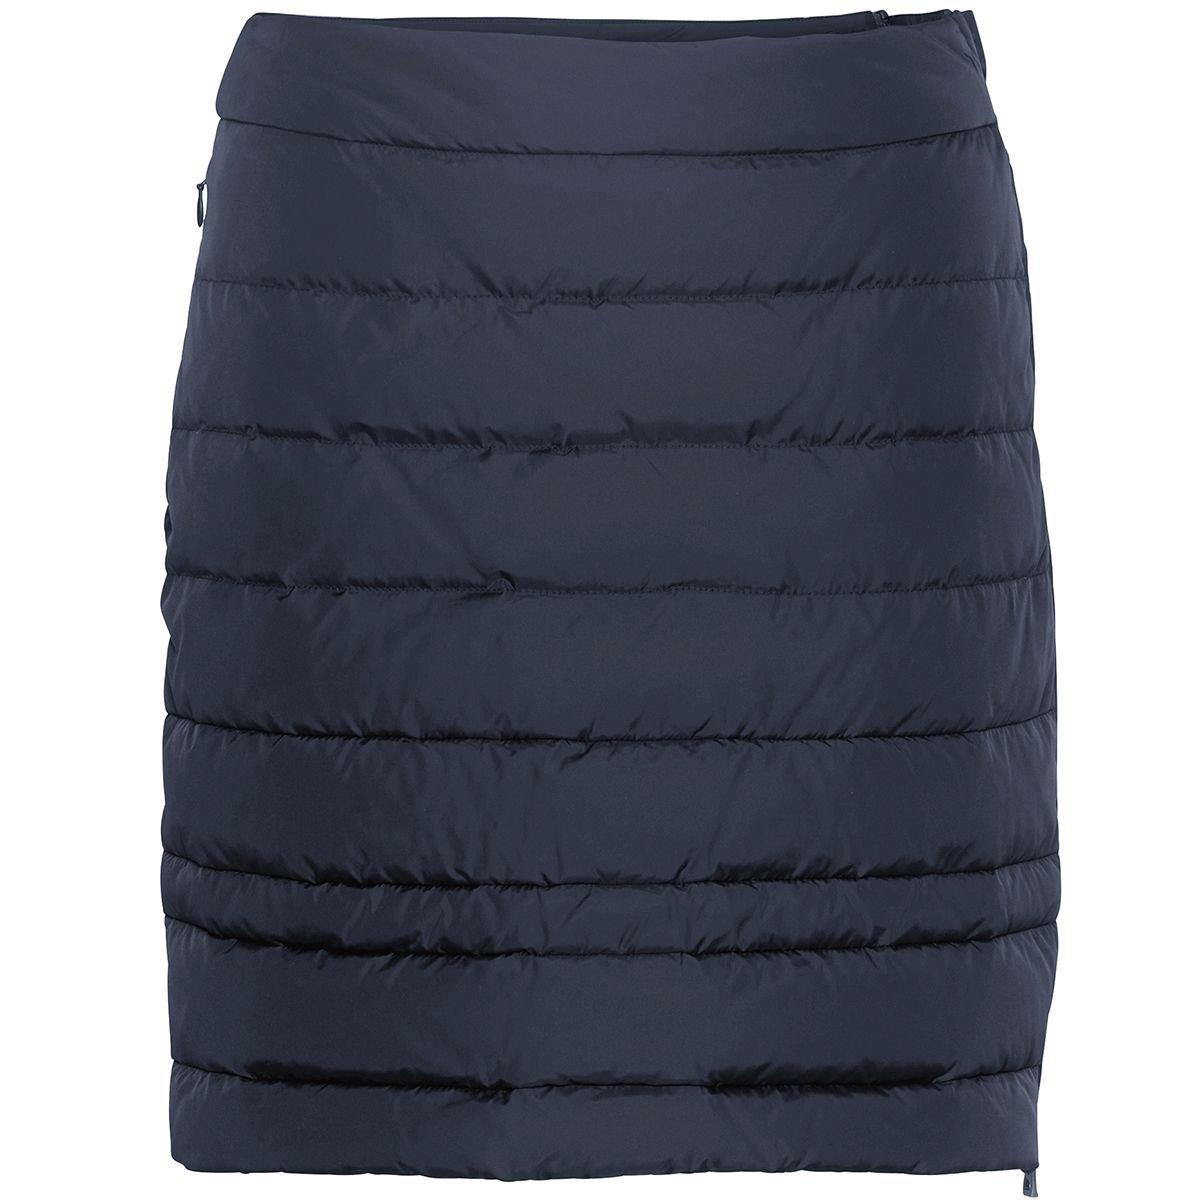 Bogner - Fire+Ice Noemi Skirt - Women's Navy, 8